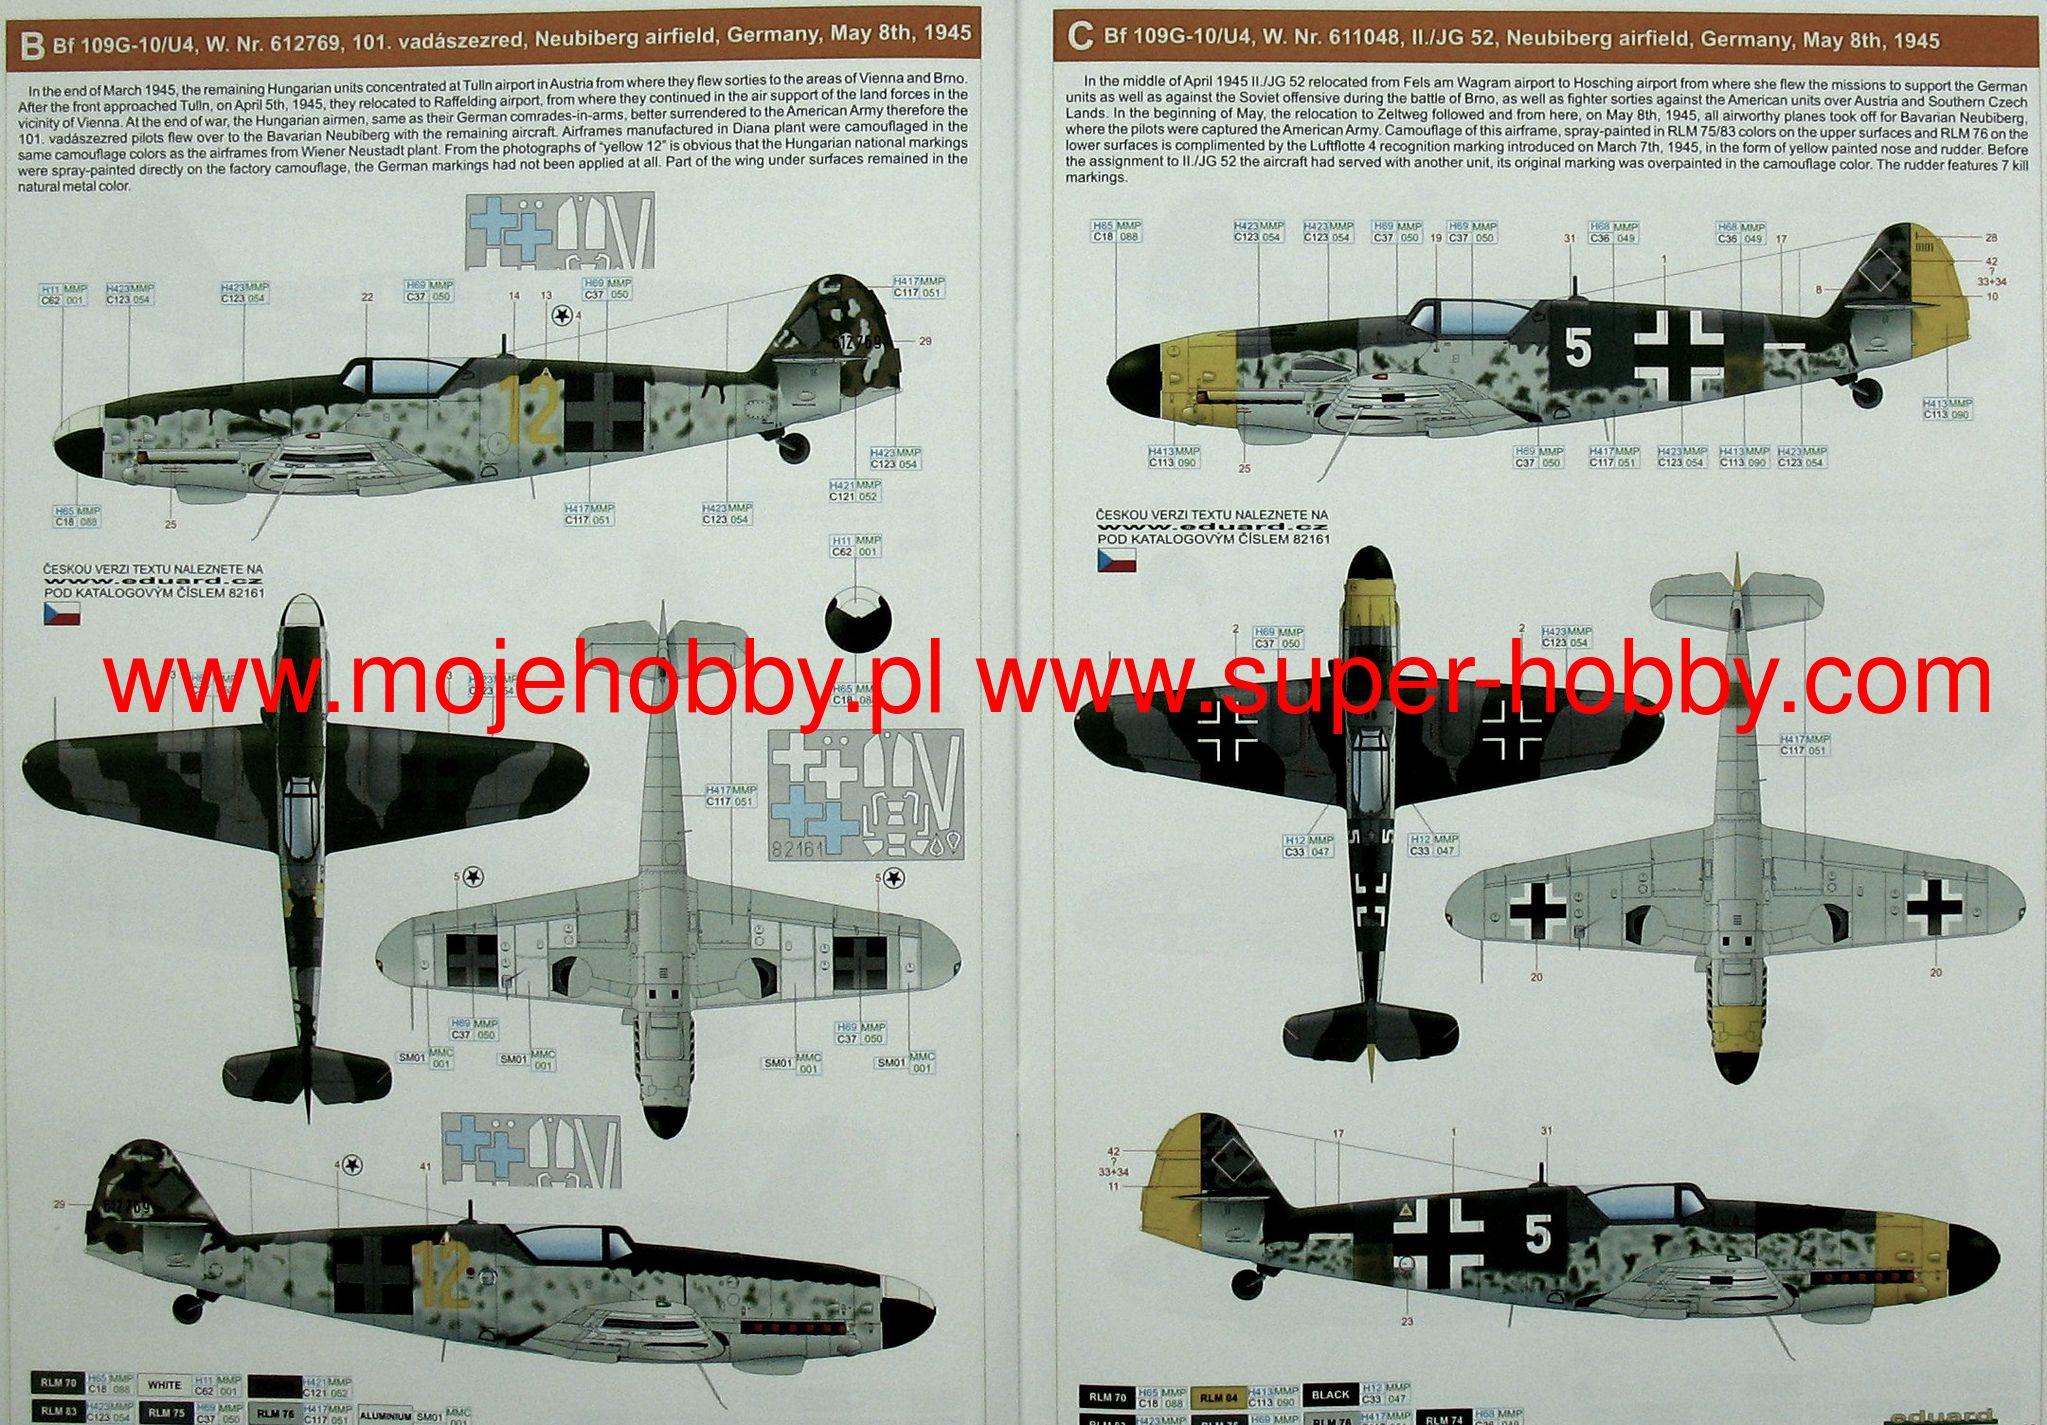 Eduard Accessories Ss210-1:72 Bf-109G-6 Neu Ätzsatz